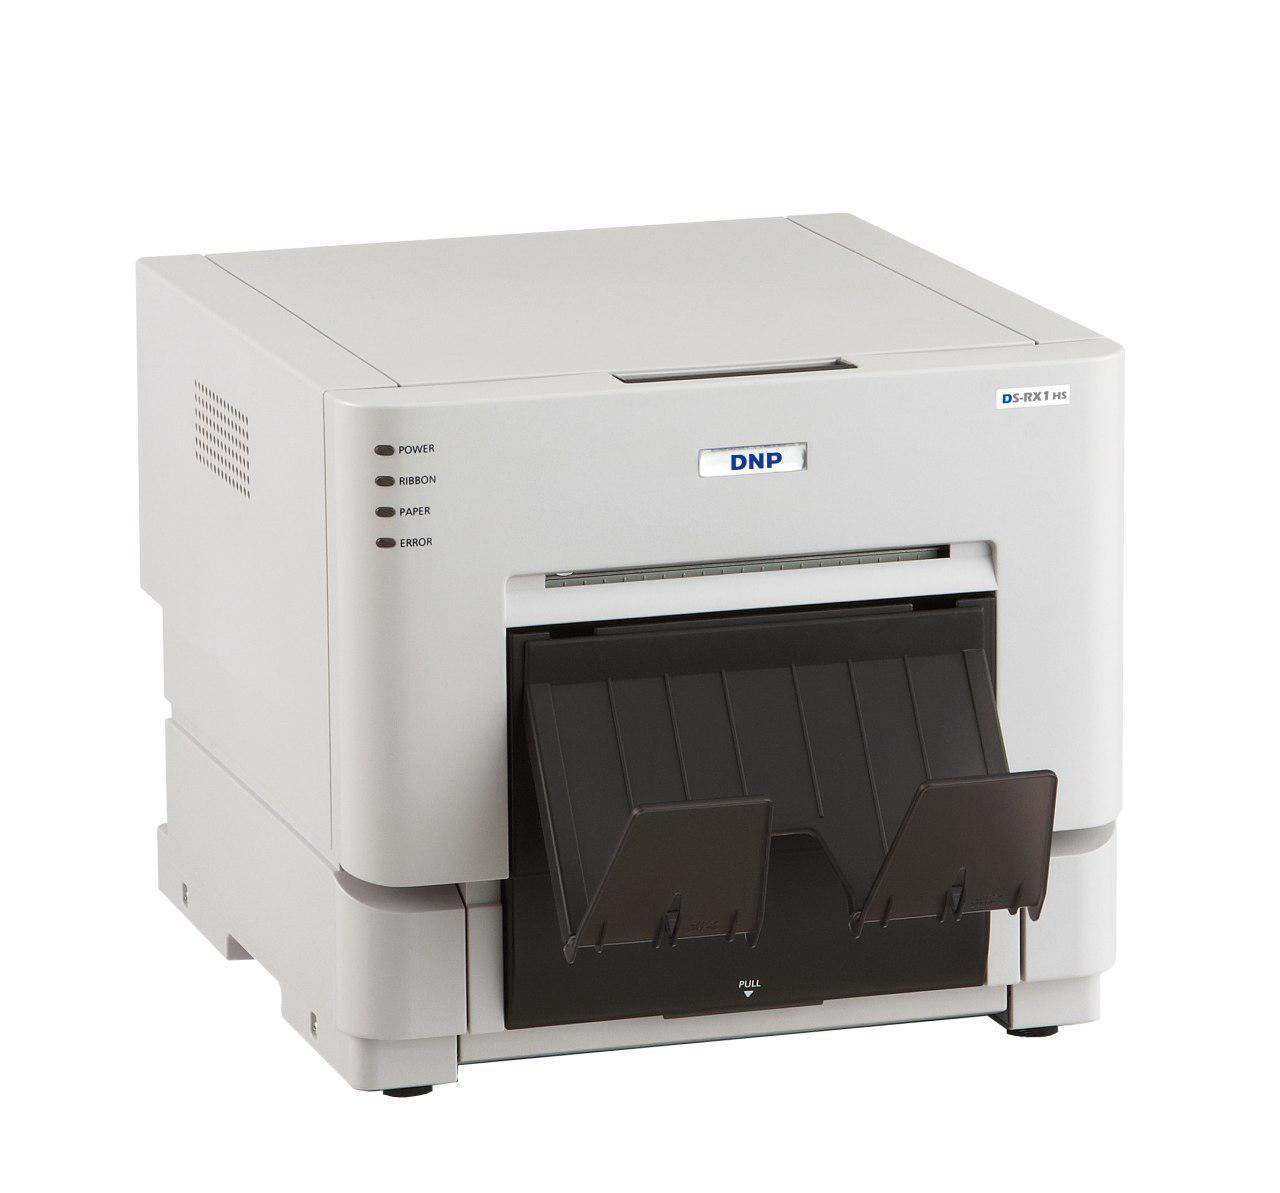 Фото - Сублимационный фотопринтер DS-RX1 HS, серый фотопринтер